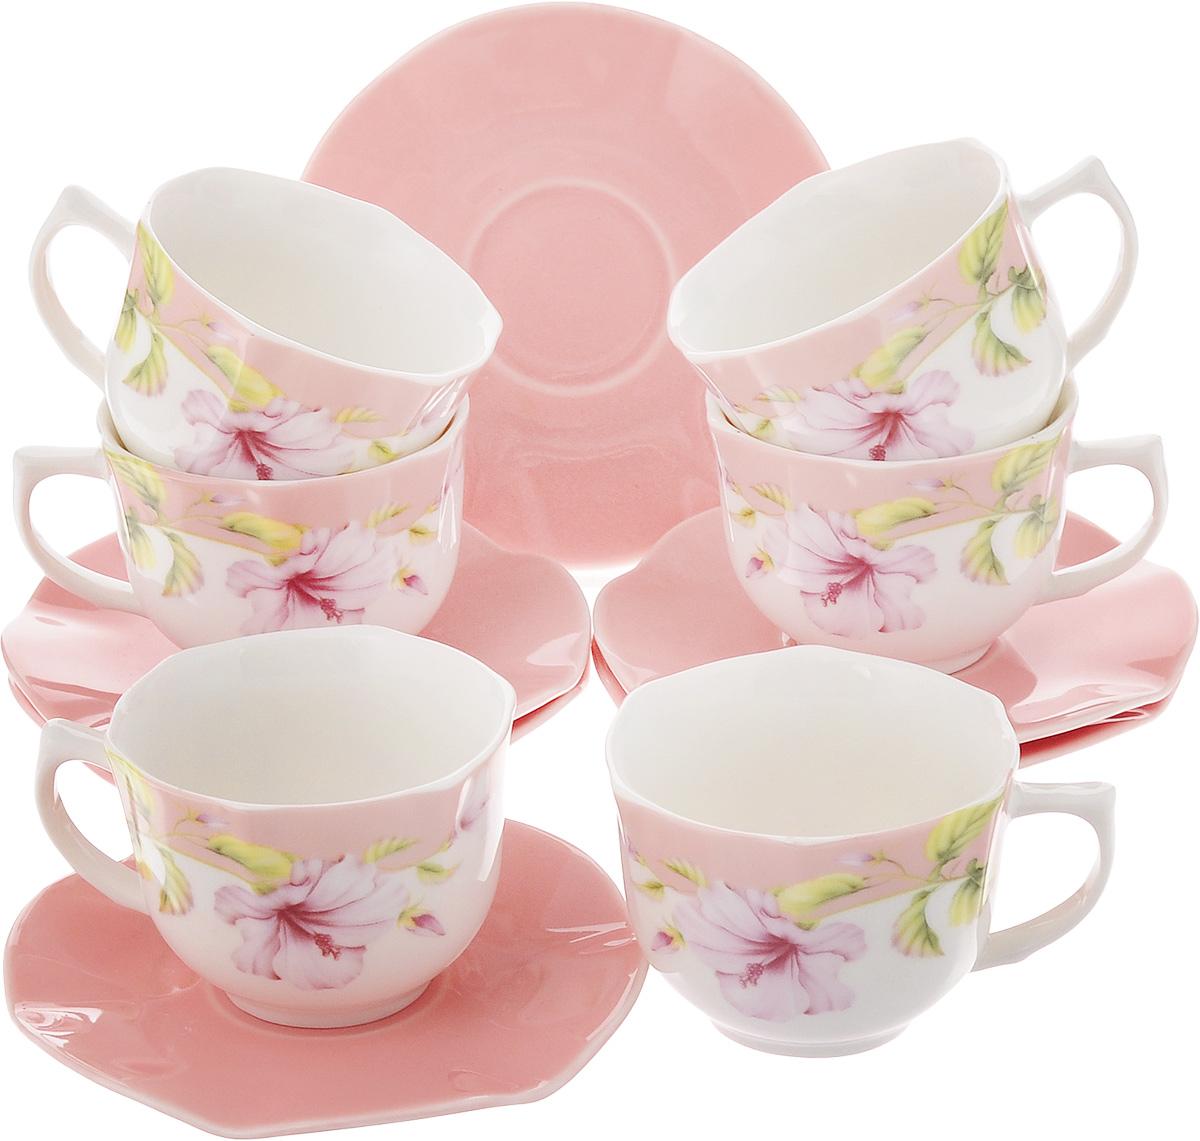 Набор кофейный Loraine Нежность, 12 предметов24725Кофейный набор Loraine Нежность состоит из 6 чашек и 6 блюдец. Изделия выполнены из высококачественной керамики, имеют яркий дизайн и классическую круглую форму. Такой набор прекрасно подойдет как для повседневного использования, так и для праздников. Набор Loraine Нежность - это не только яркий и полезный подарок для родных и близких, но и великолепное дизайнерское решение для вашей кухни или столовой. Диаметр чашки (по верхнему краю): 6 см. Высота чашки: 6 см. Высота чашки: 5 см. Диаметр блюдца (по верхнему краю): 11 см. Высота блюдца: 1 см. Объем чашки: 110 мл. УВАЖАЕМЫЕ КЛИЕНТЫ! Обращаем ваше внимание, что объем чашки измерен по факту, с учетом максимального наполнения до кромки.